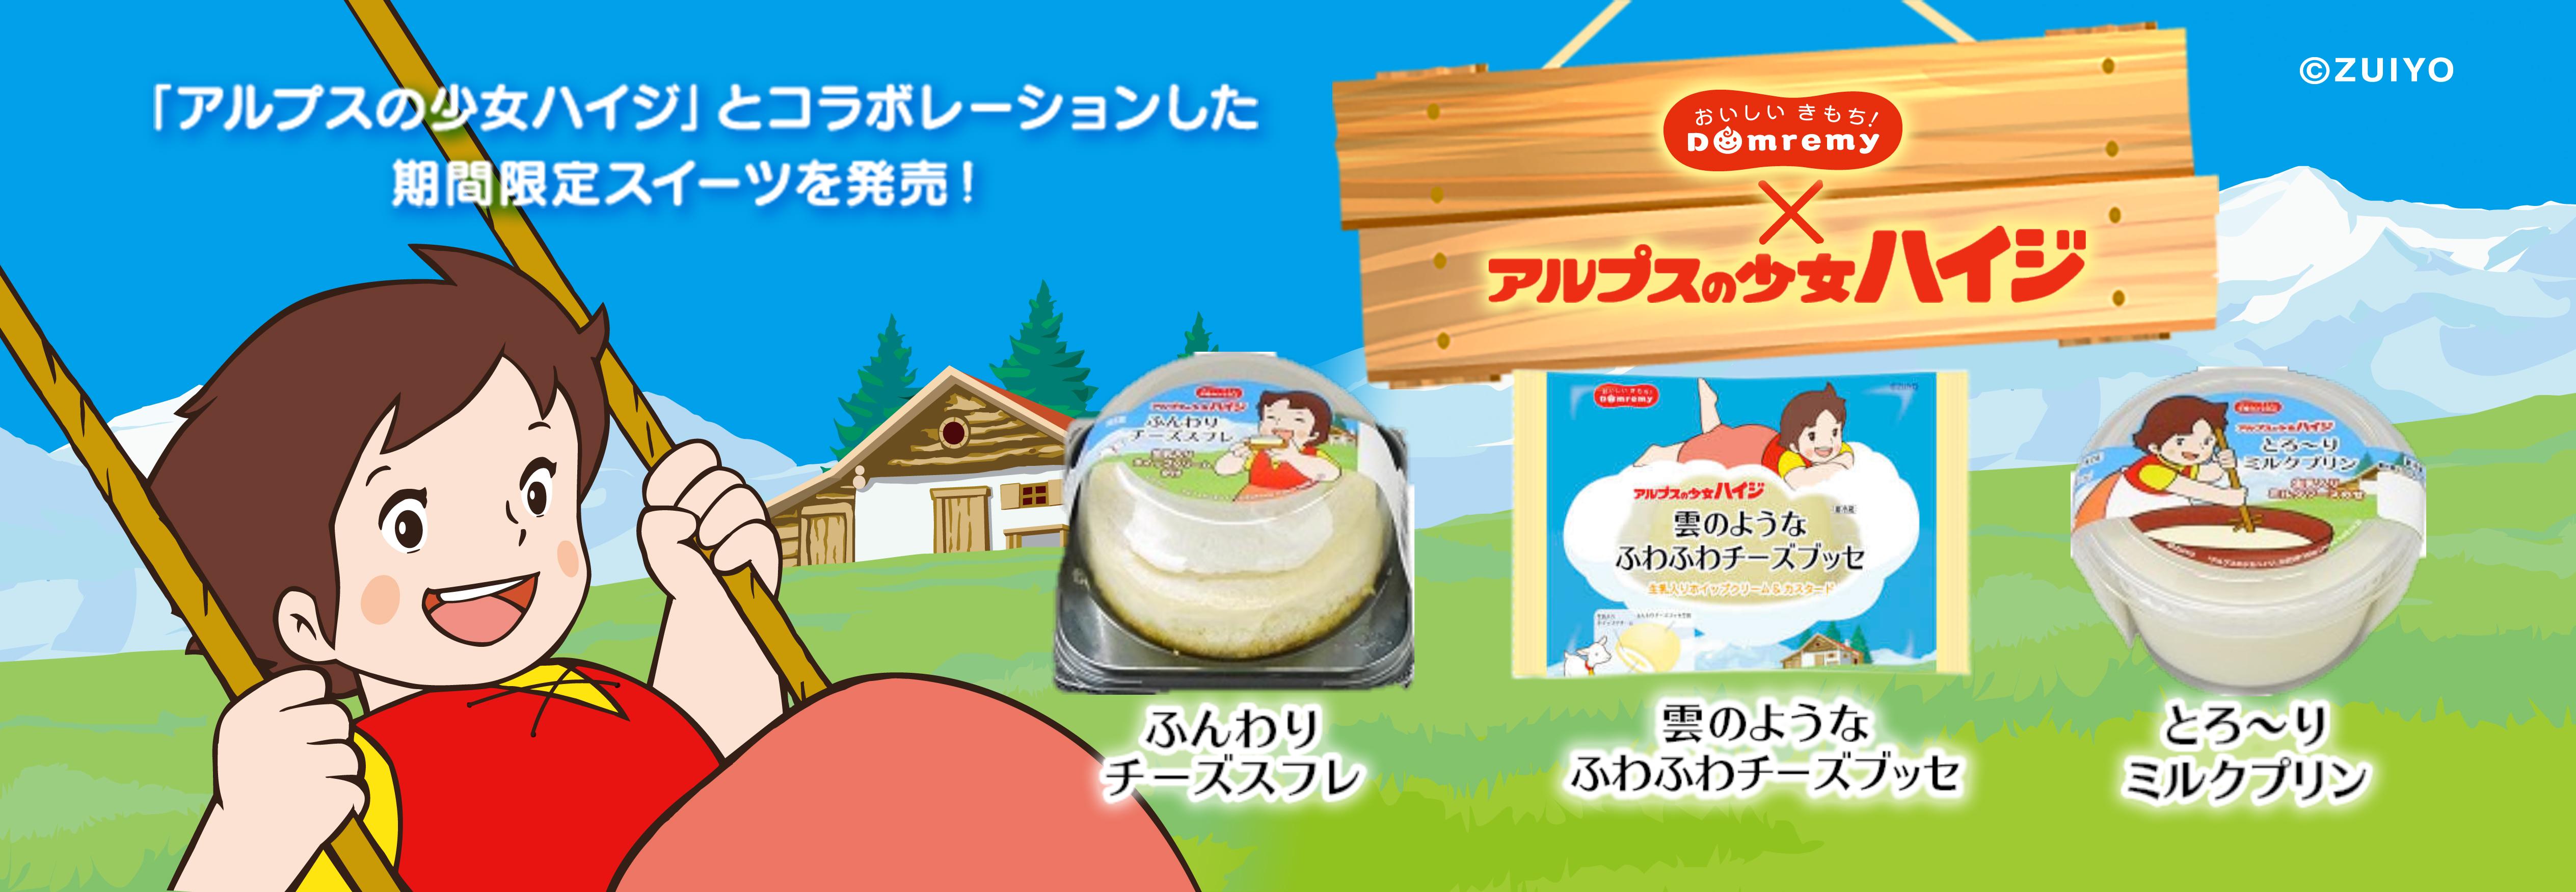 名作アニメアルプスの少女ハイジコラボ 生乳入りホイップクリーム